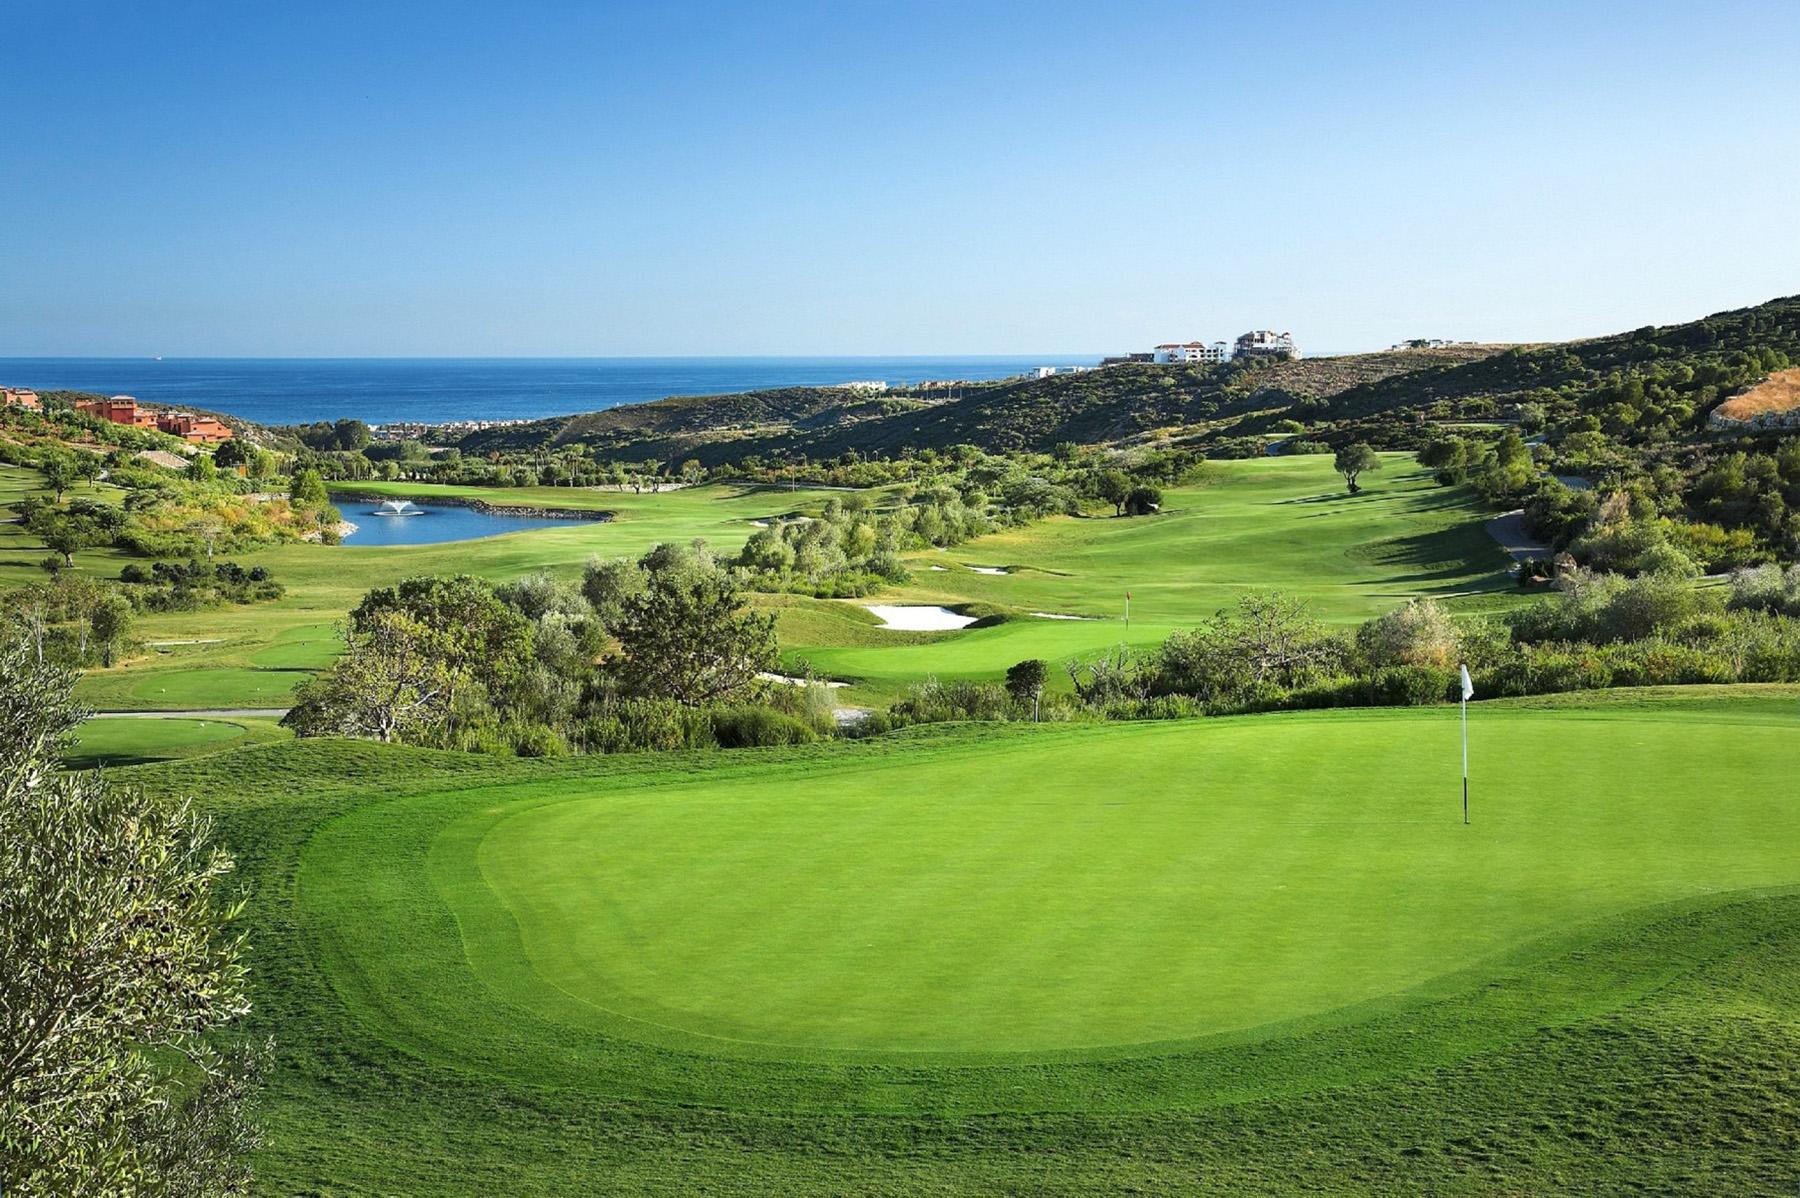 Marbella Golf Club Resort